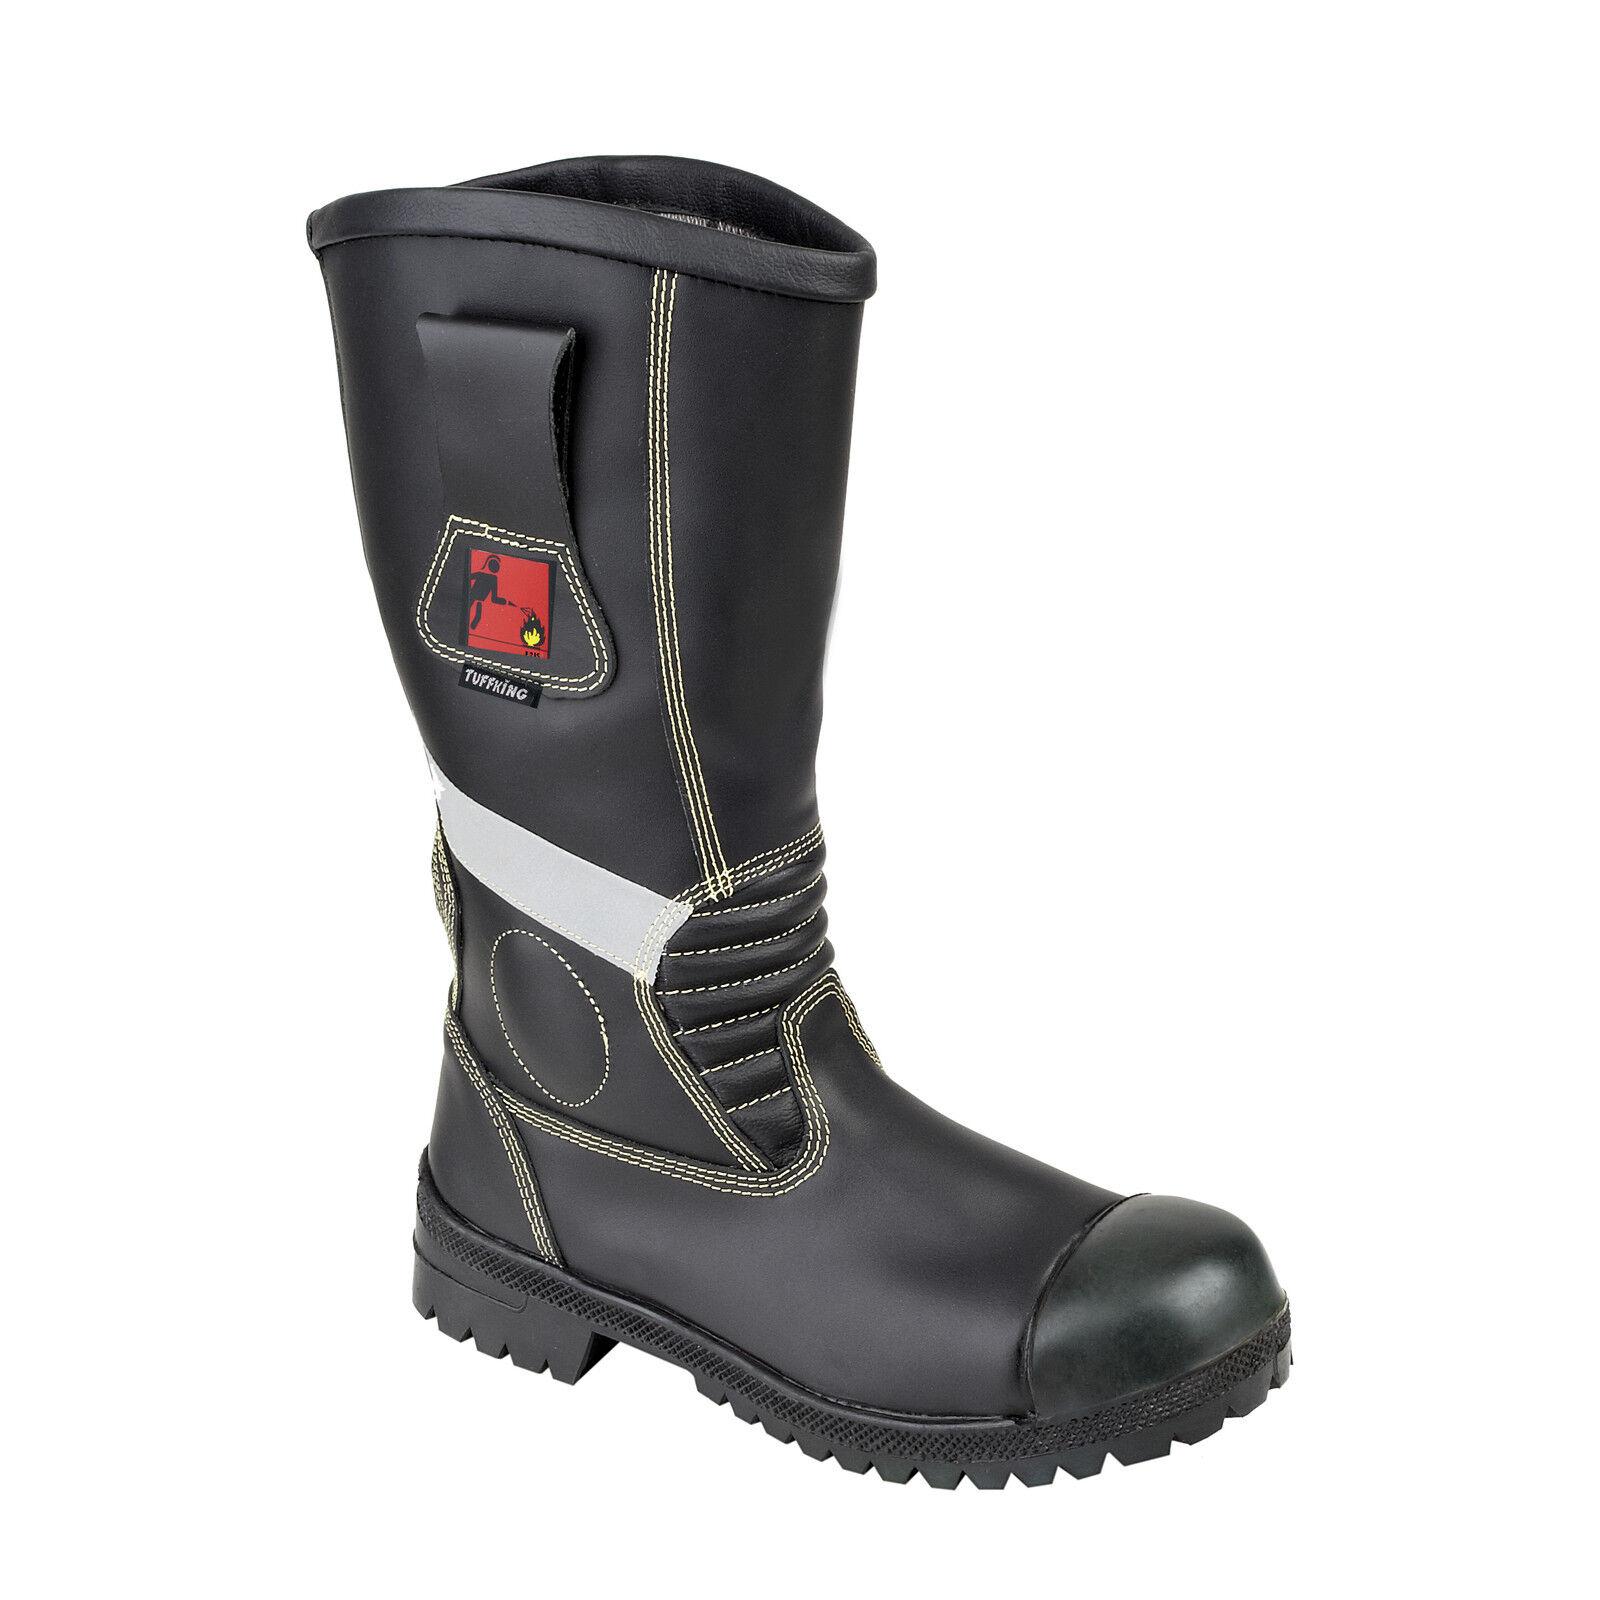 Tuffking 3105 Para Hombre Bomberos Fireman Flexible Negro botas De Seguridad F2a en15090